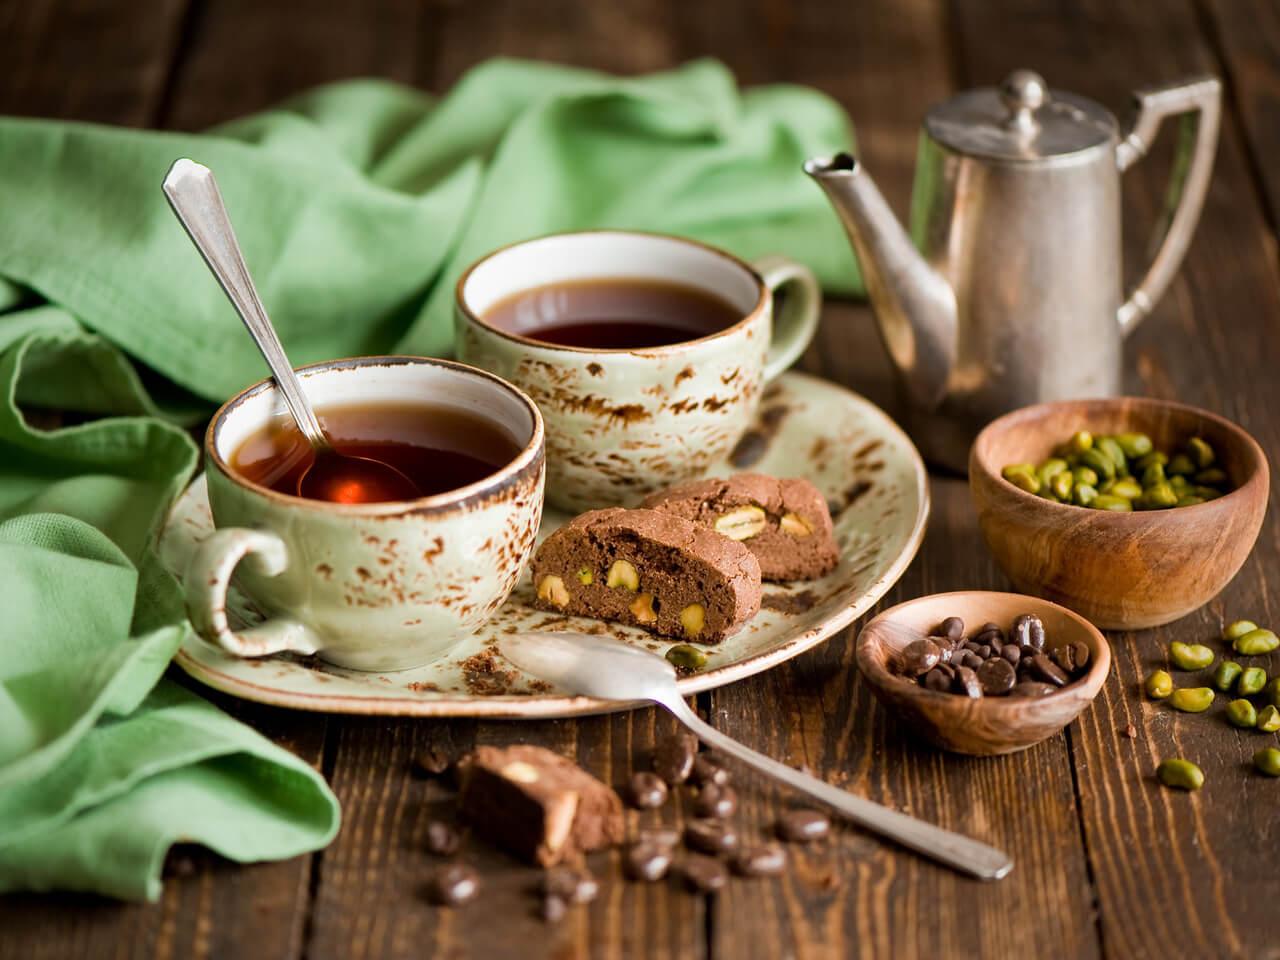 шпалы картинка с кружкой чая или кофе считает